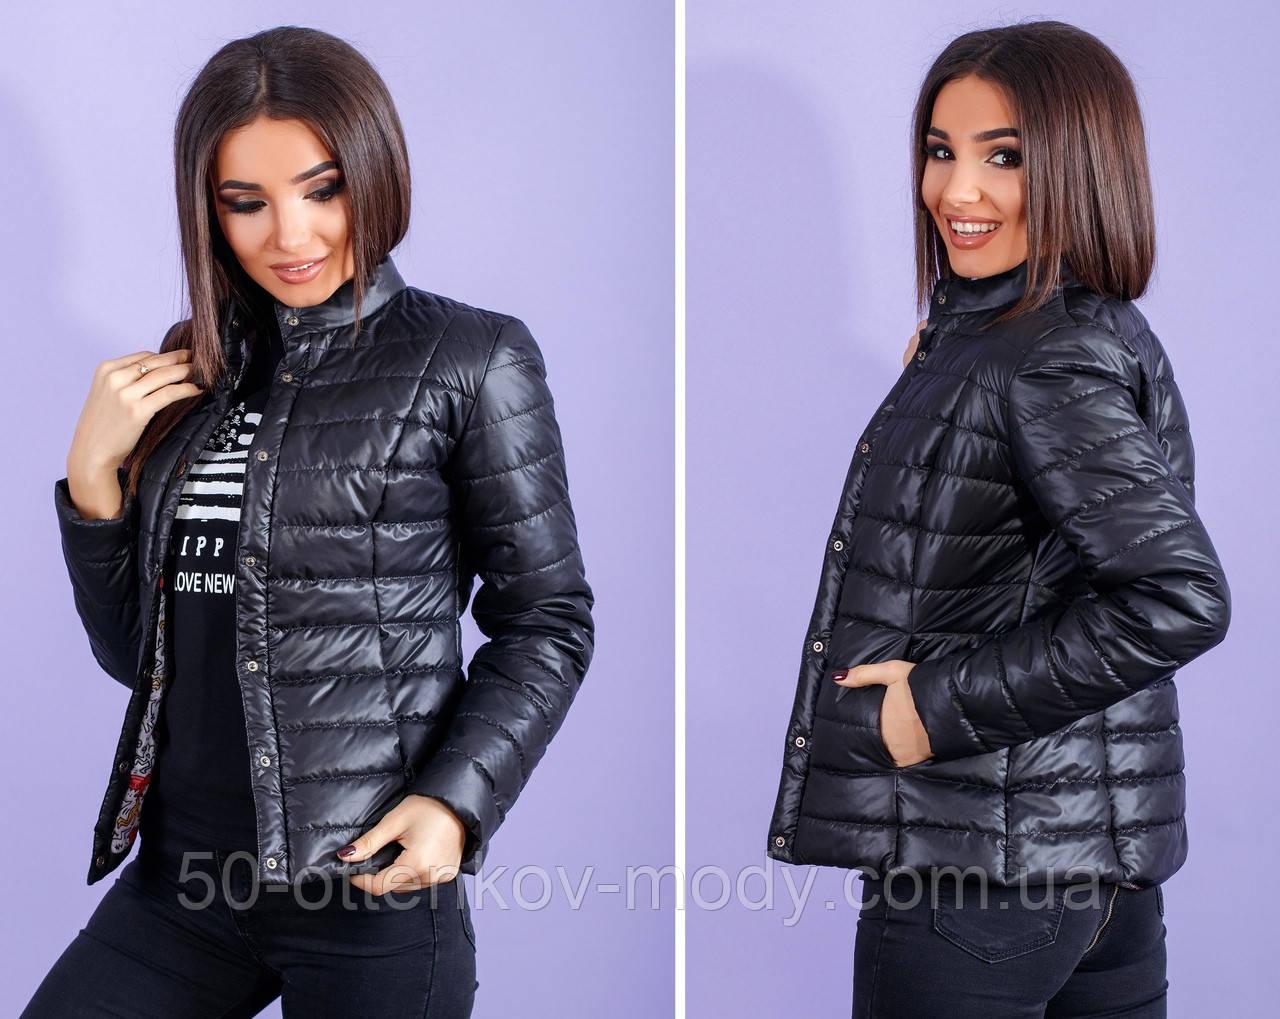 Жіноча демісезонна куртка Шанель норма і батал в кольорах